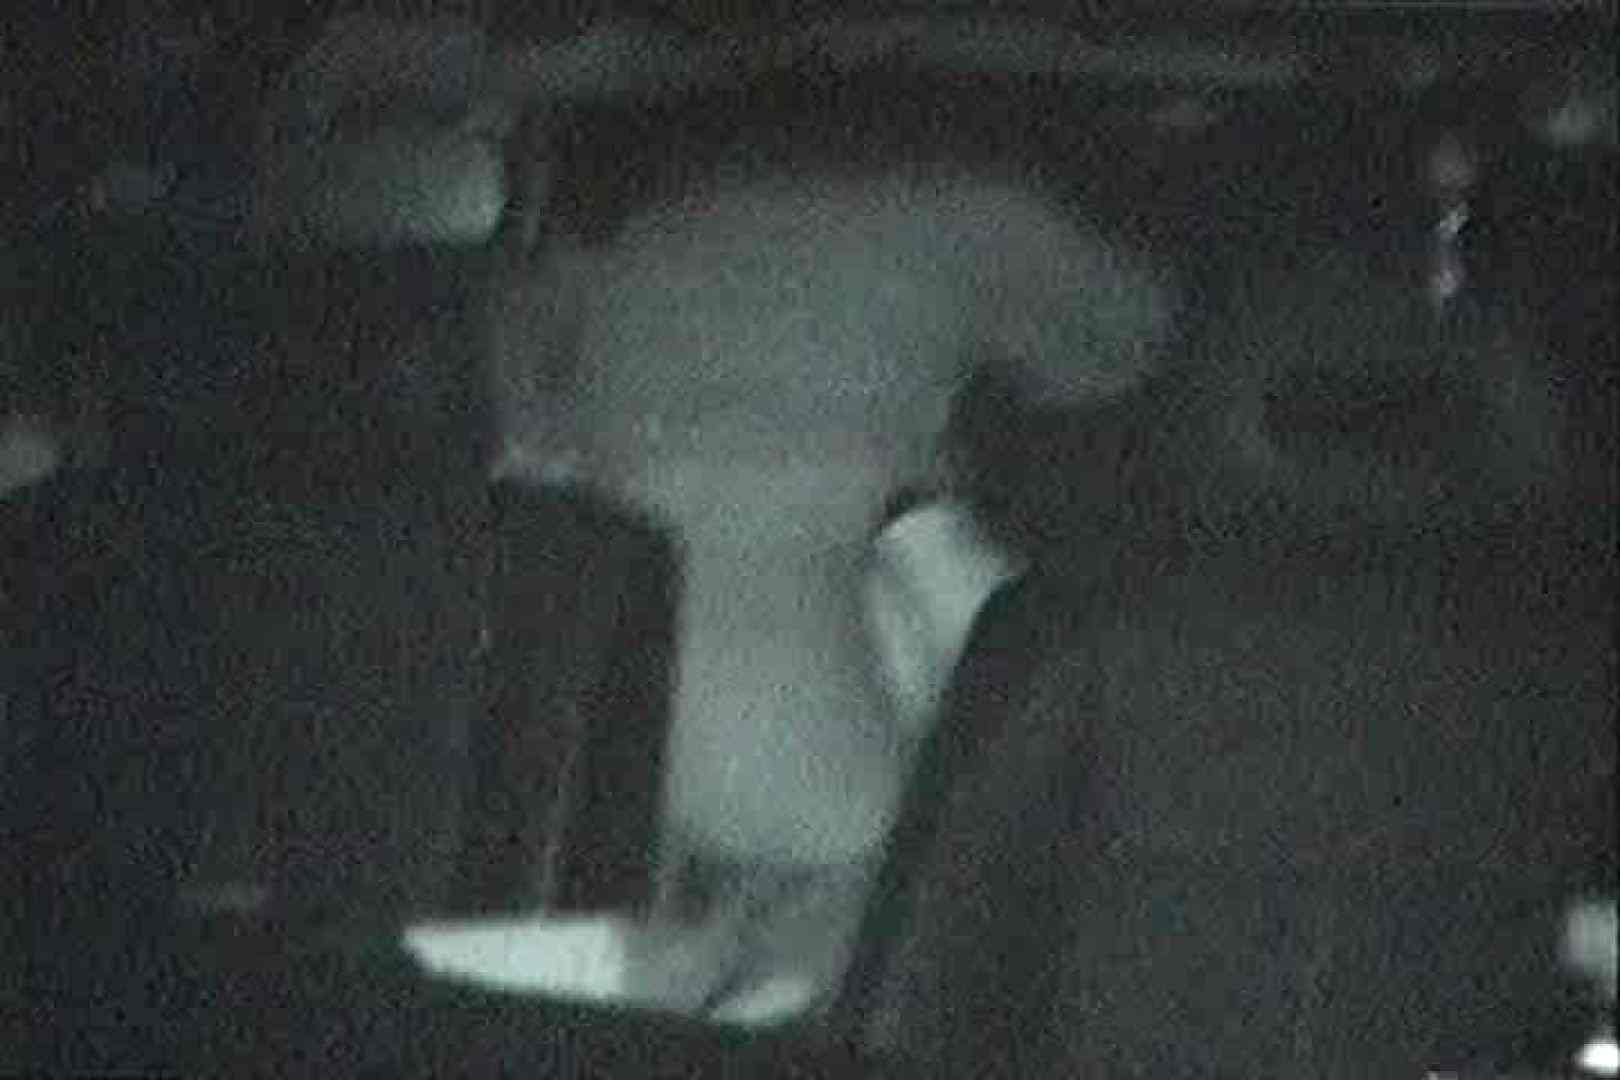 充血監督の深夜の運動会Vol.123 カップル盗撮 | エロティックなOL  107画像 76